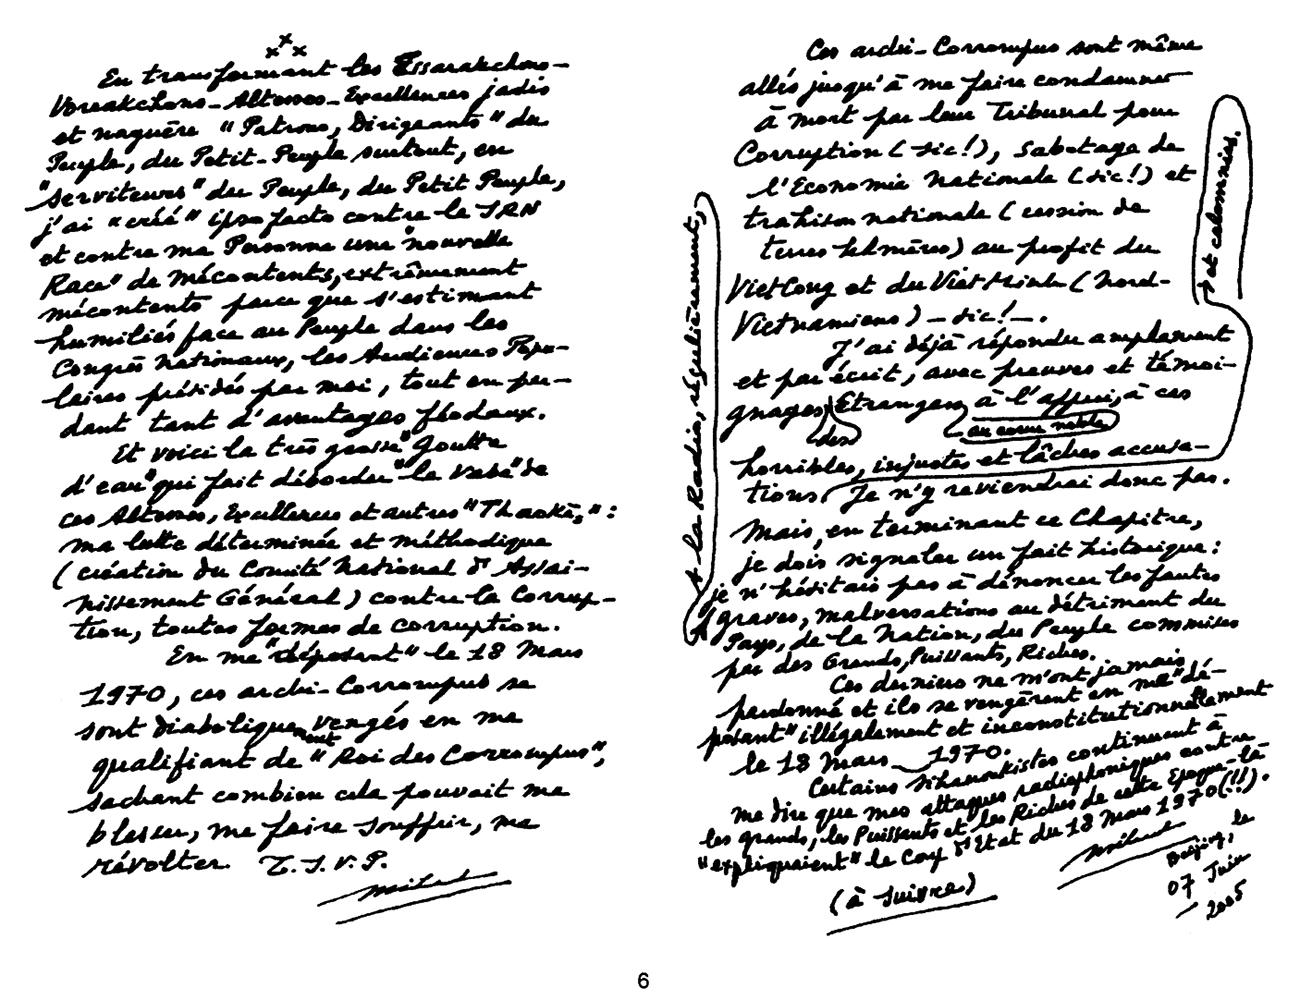 All/document/Documents/LaGenseduPutschdu18Mars1970/LaGenseduPutschdu18Mars1970/id2320/photo006.jpg